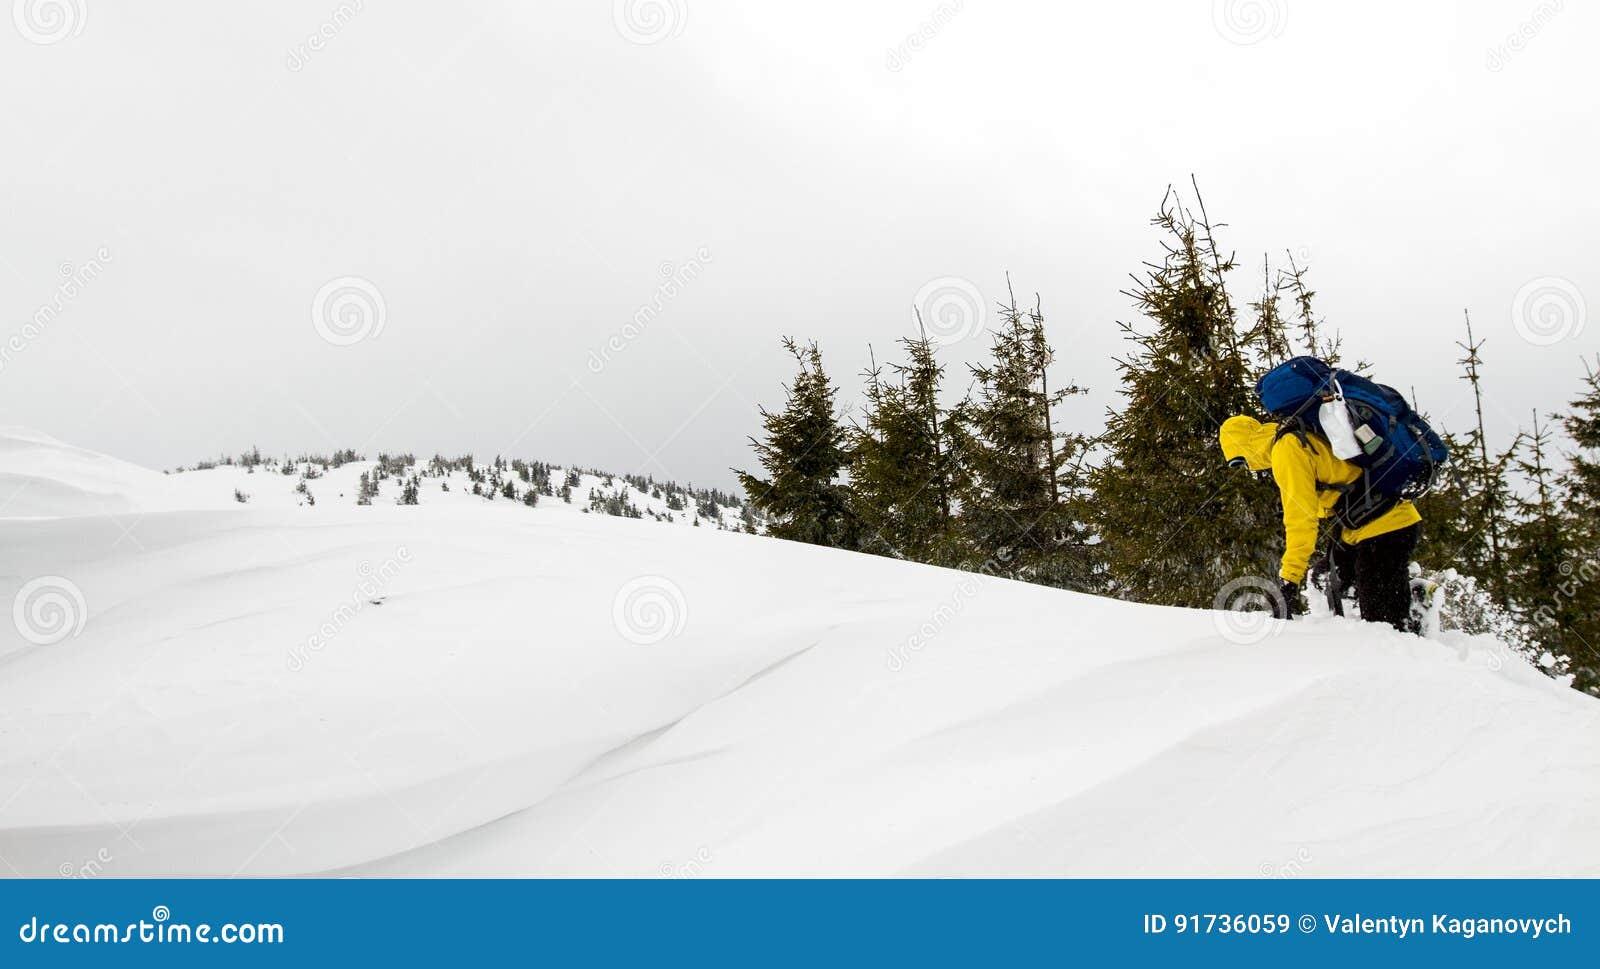 Αναρριχηθείτε στην κορυφή του βουνού